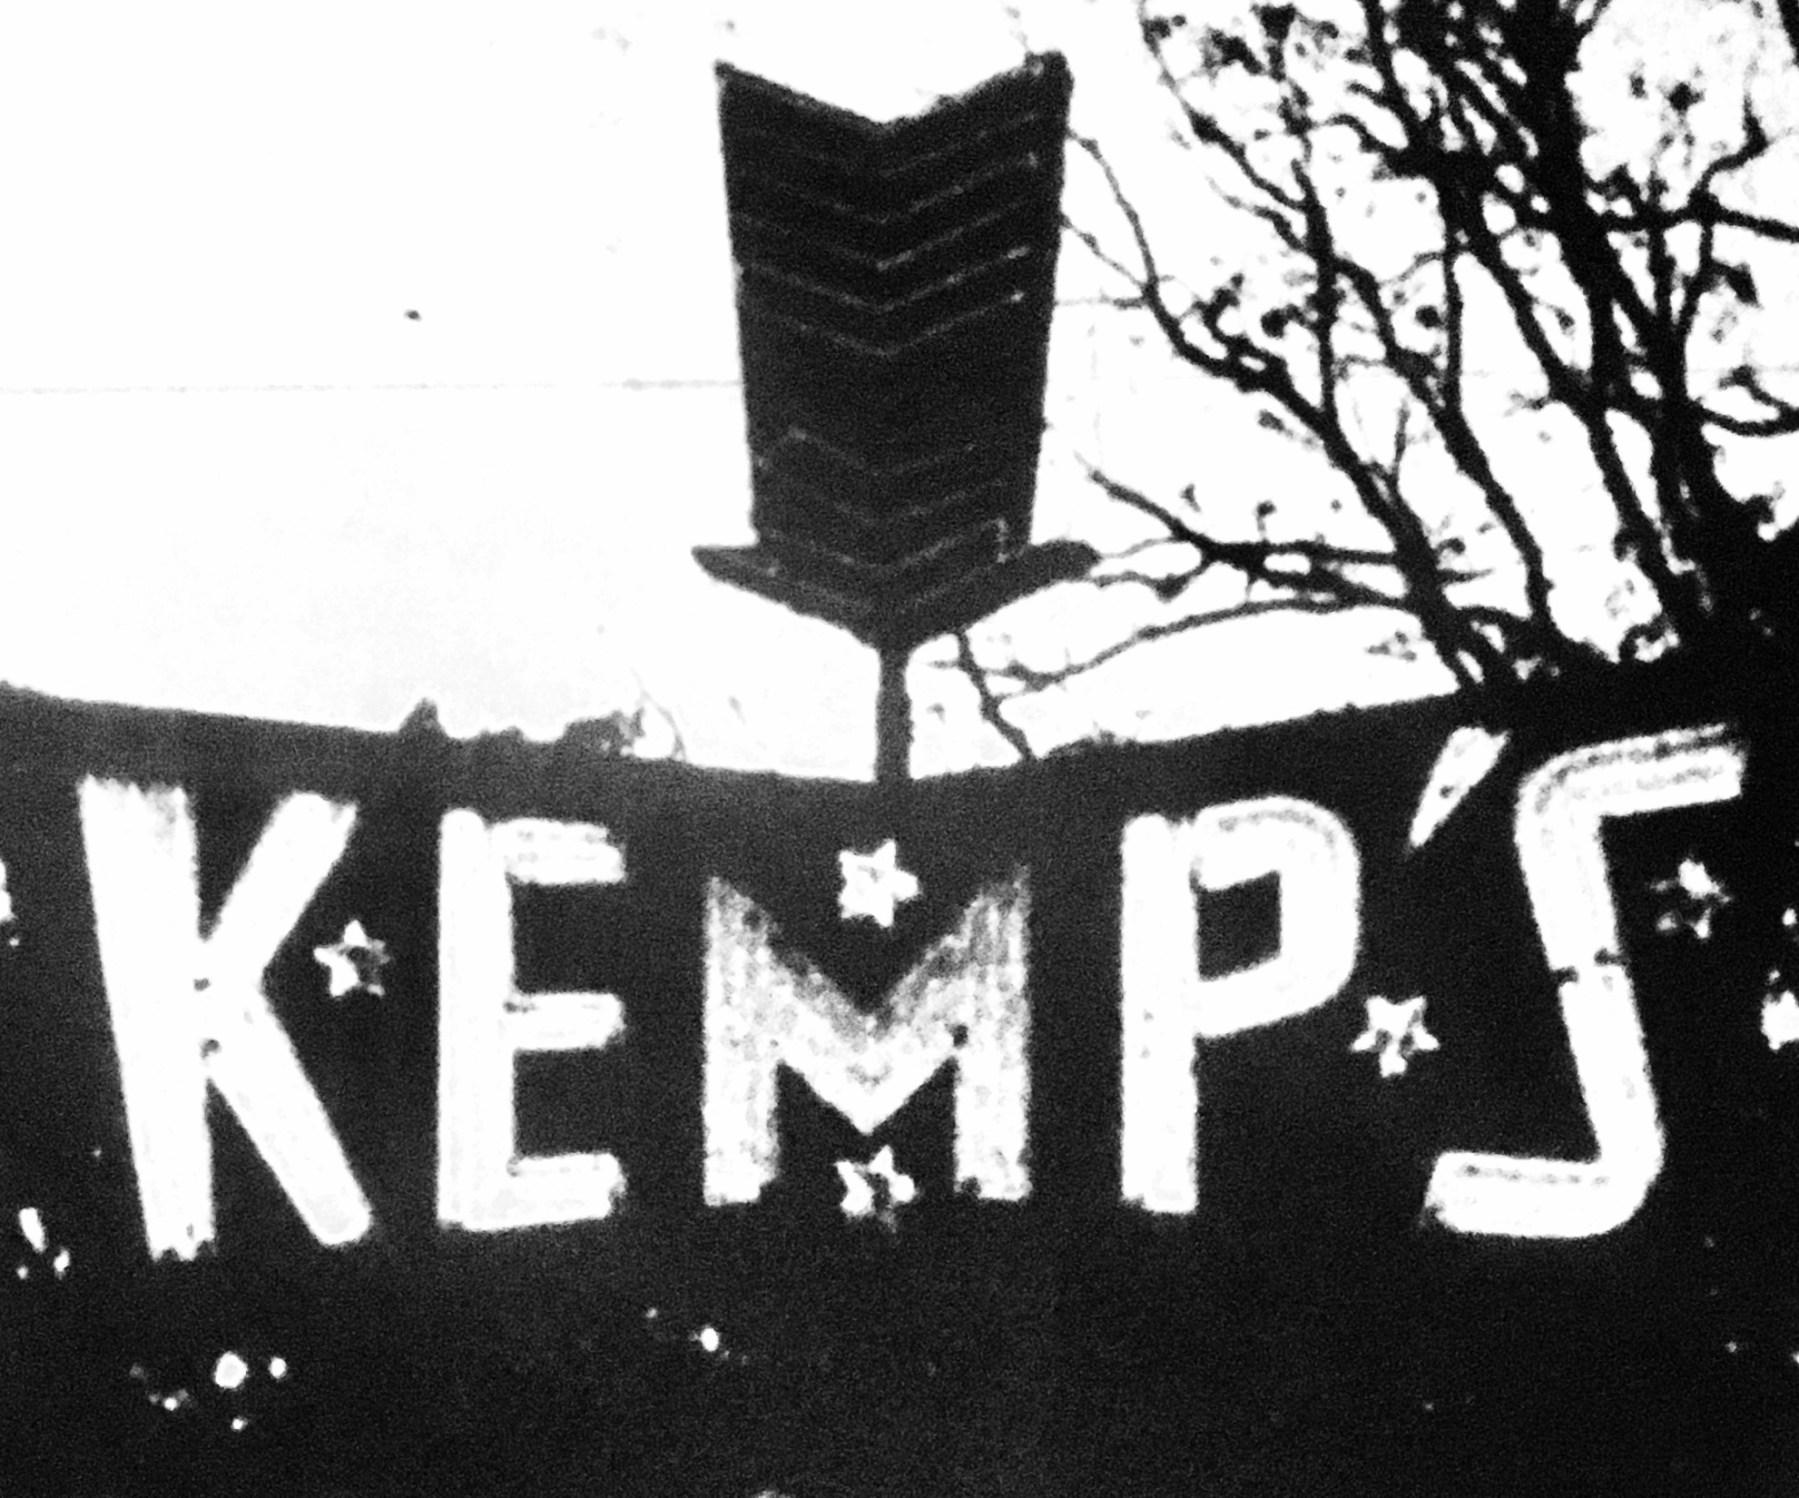 Kemp's sign